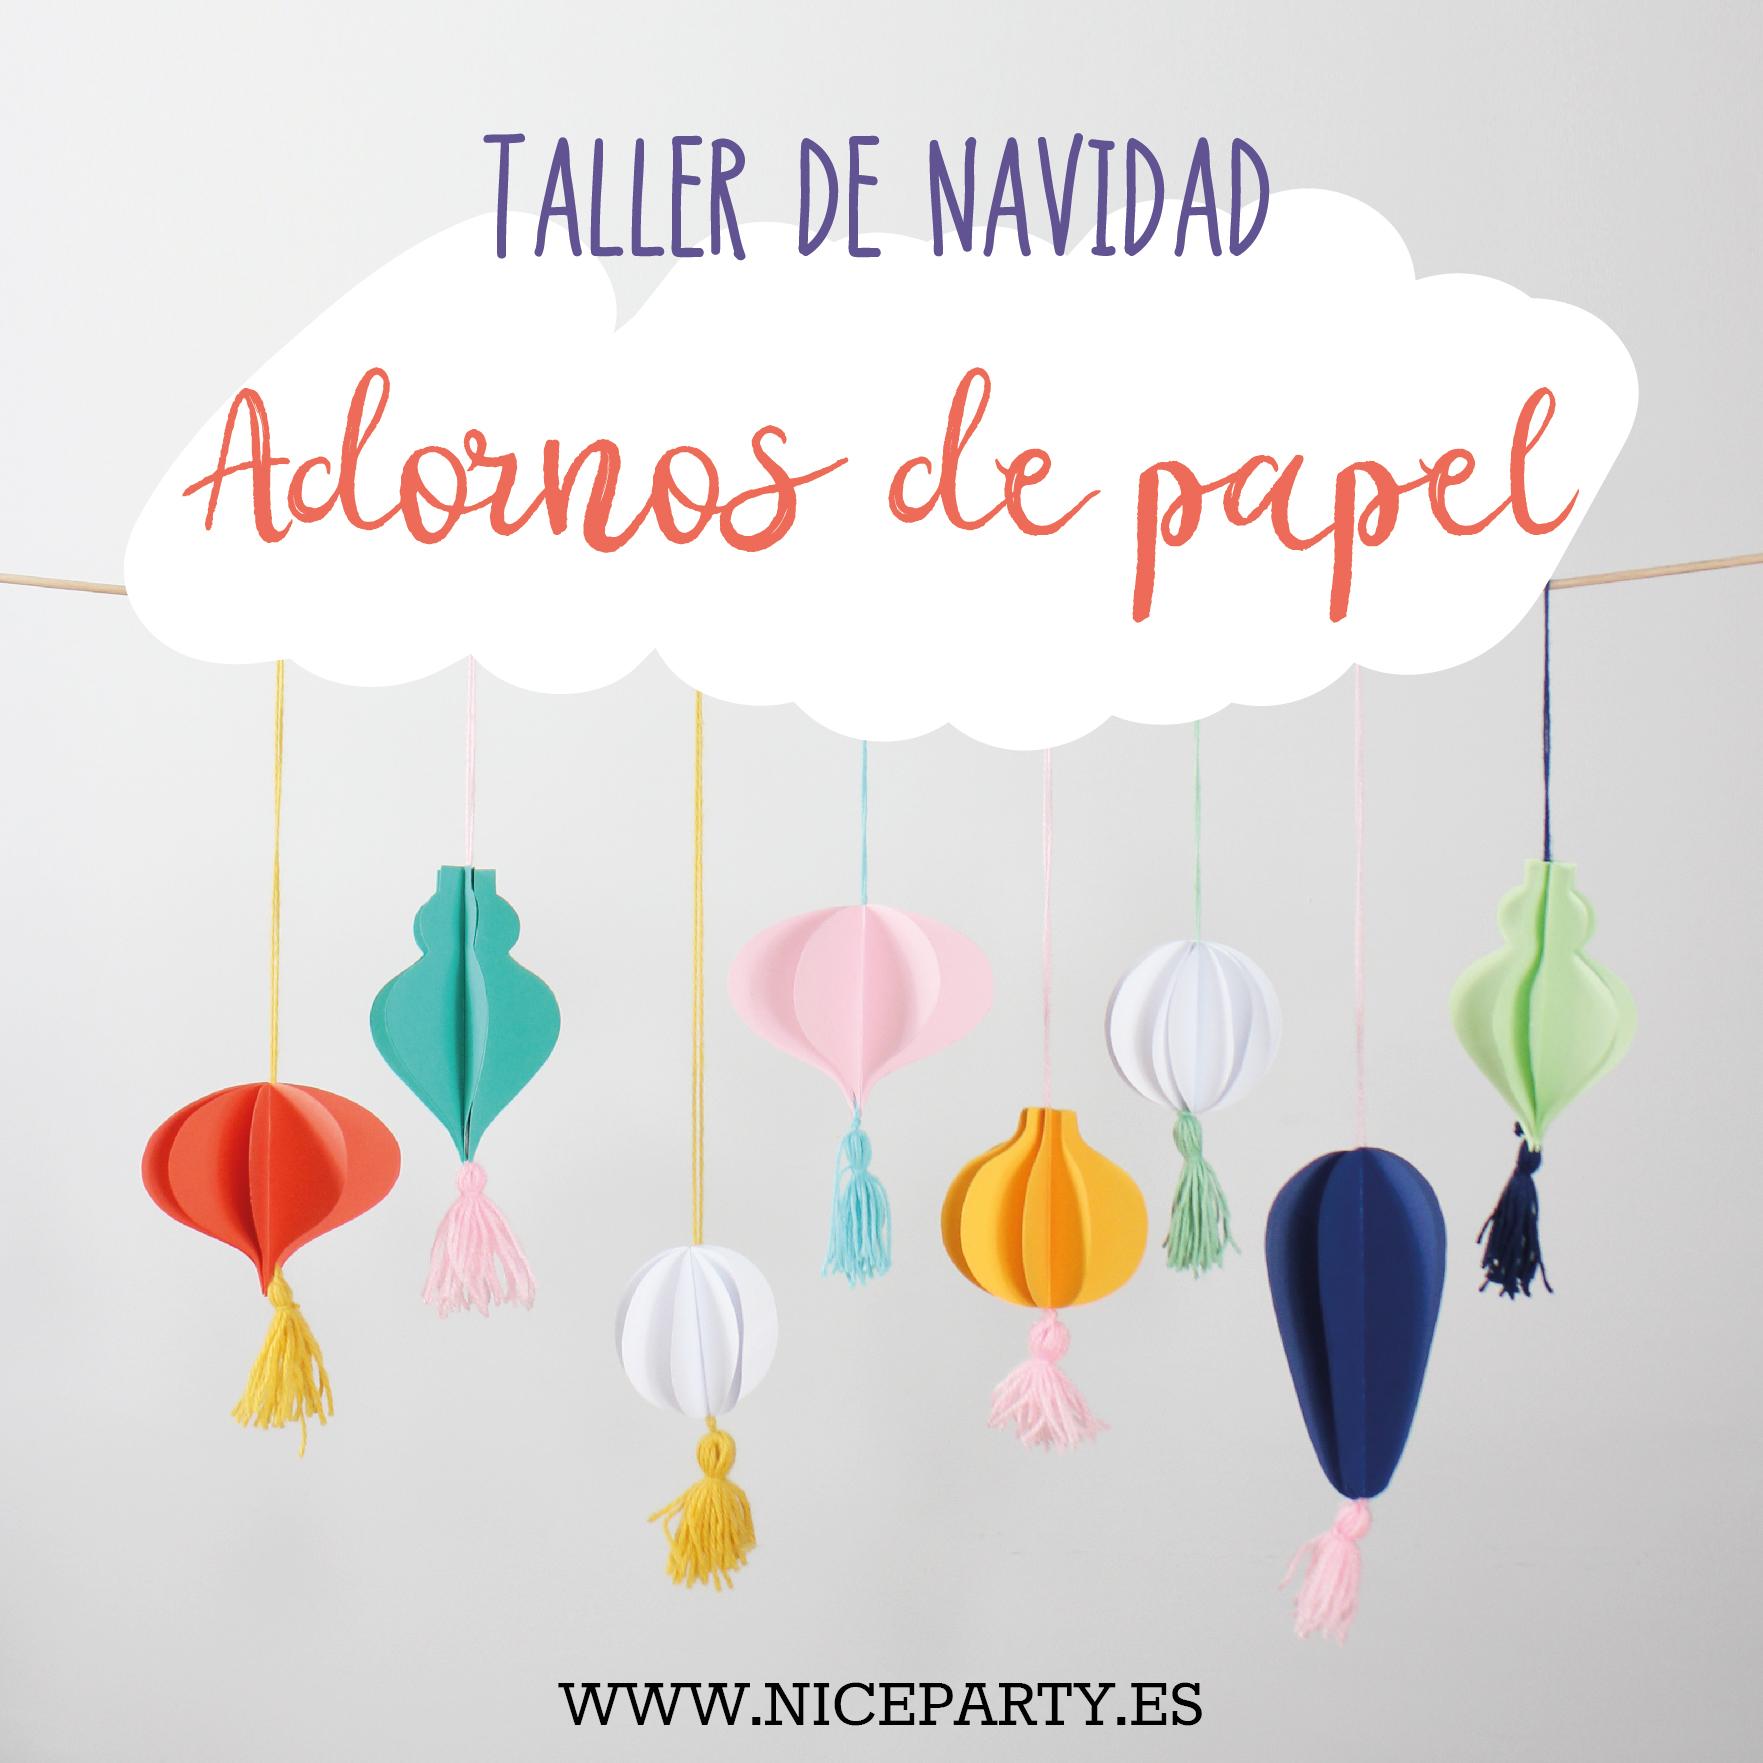 Taller creativo para niños, Nice Party. Aprende cómo hacer adornos de navidad con papel de colores